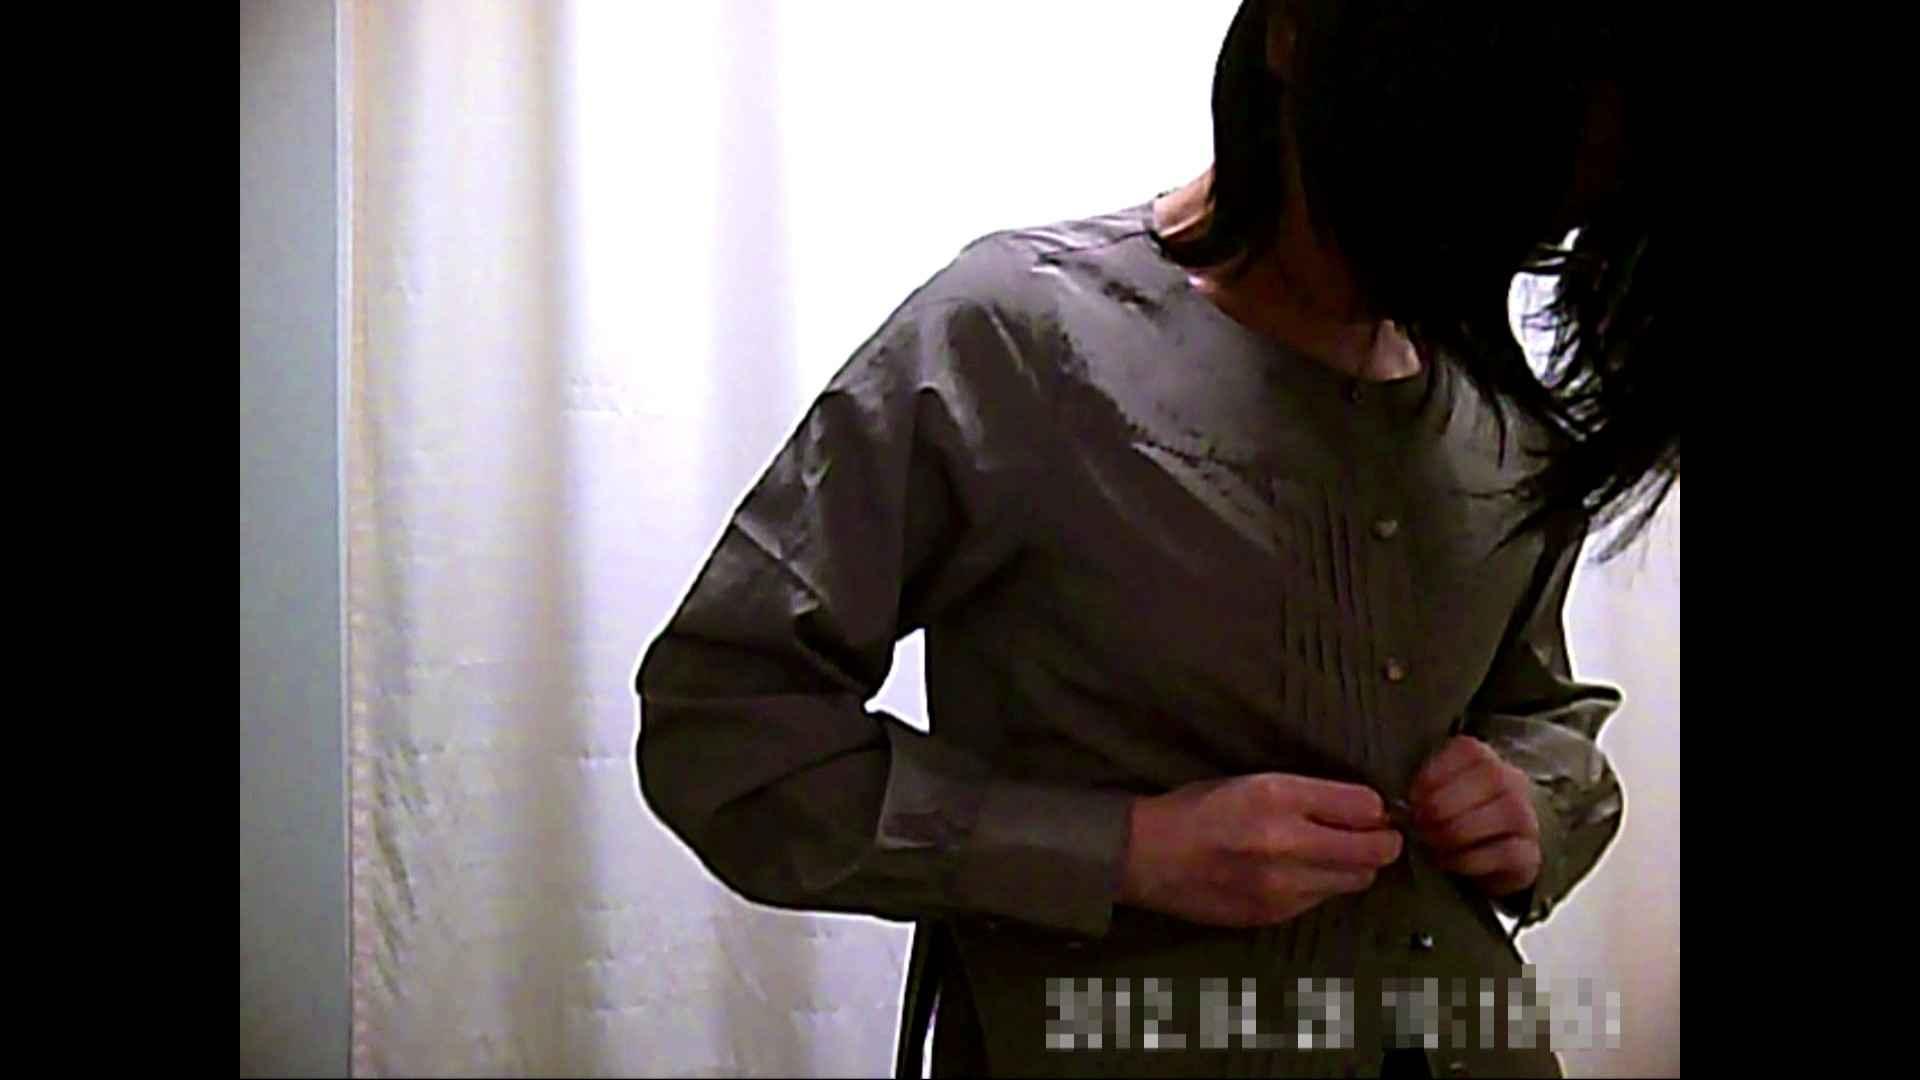 元医者による反抗 更衣室地獄絵巻 vol.004 OL  94pic 88